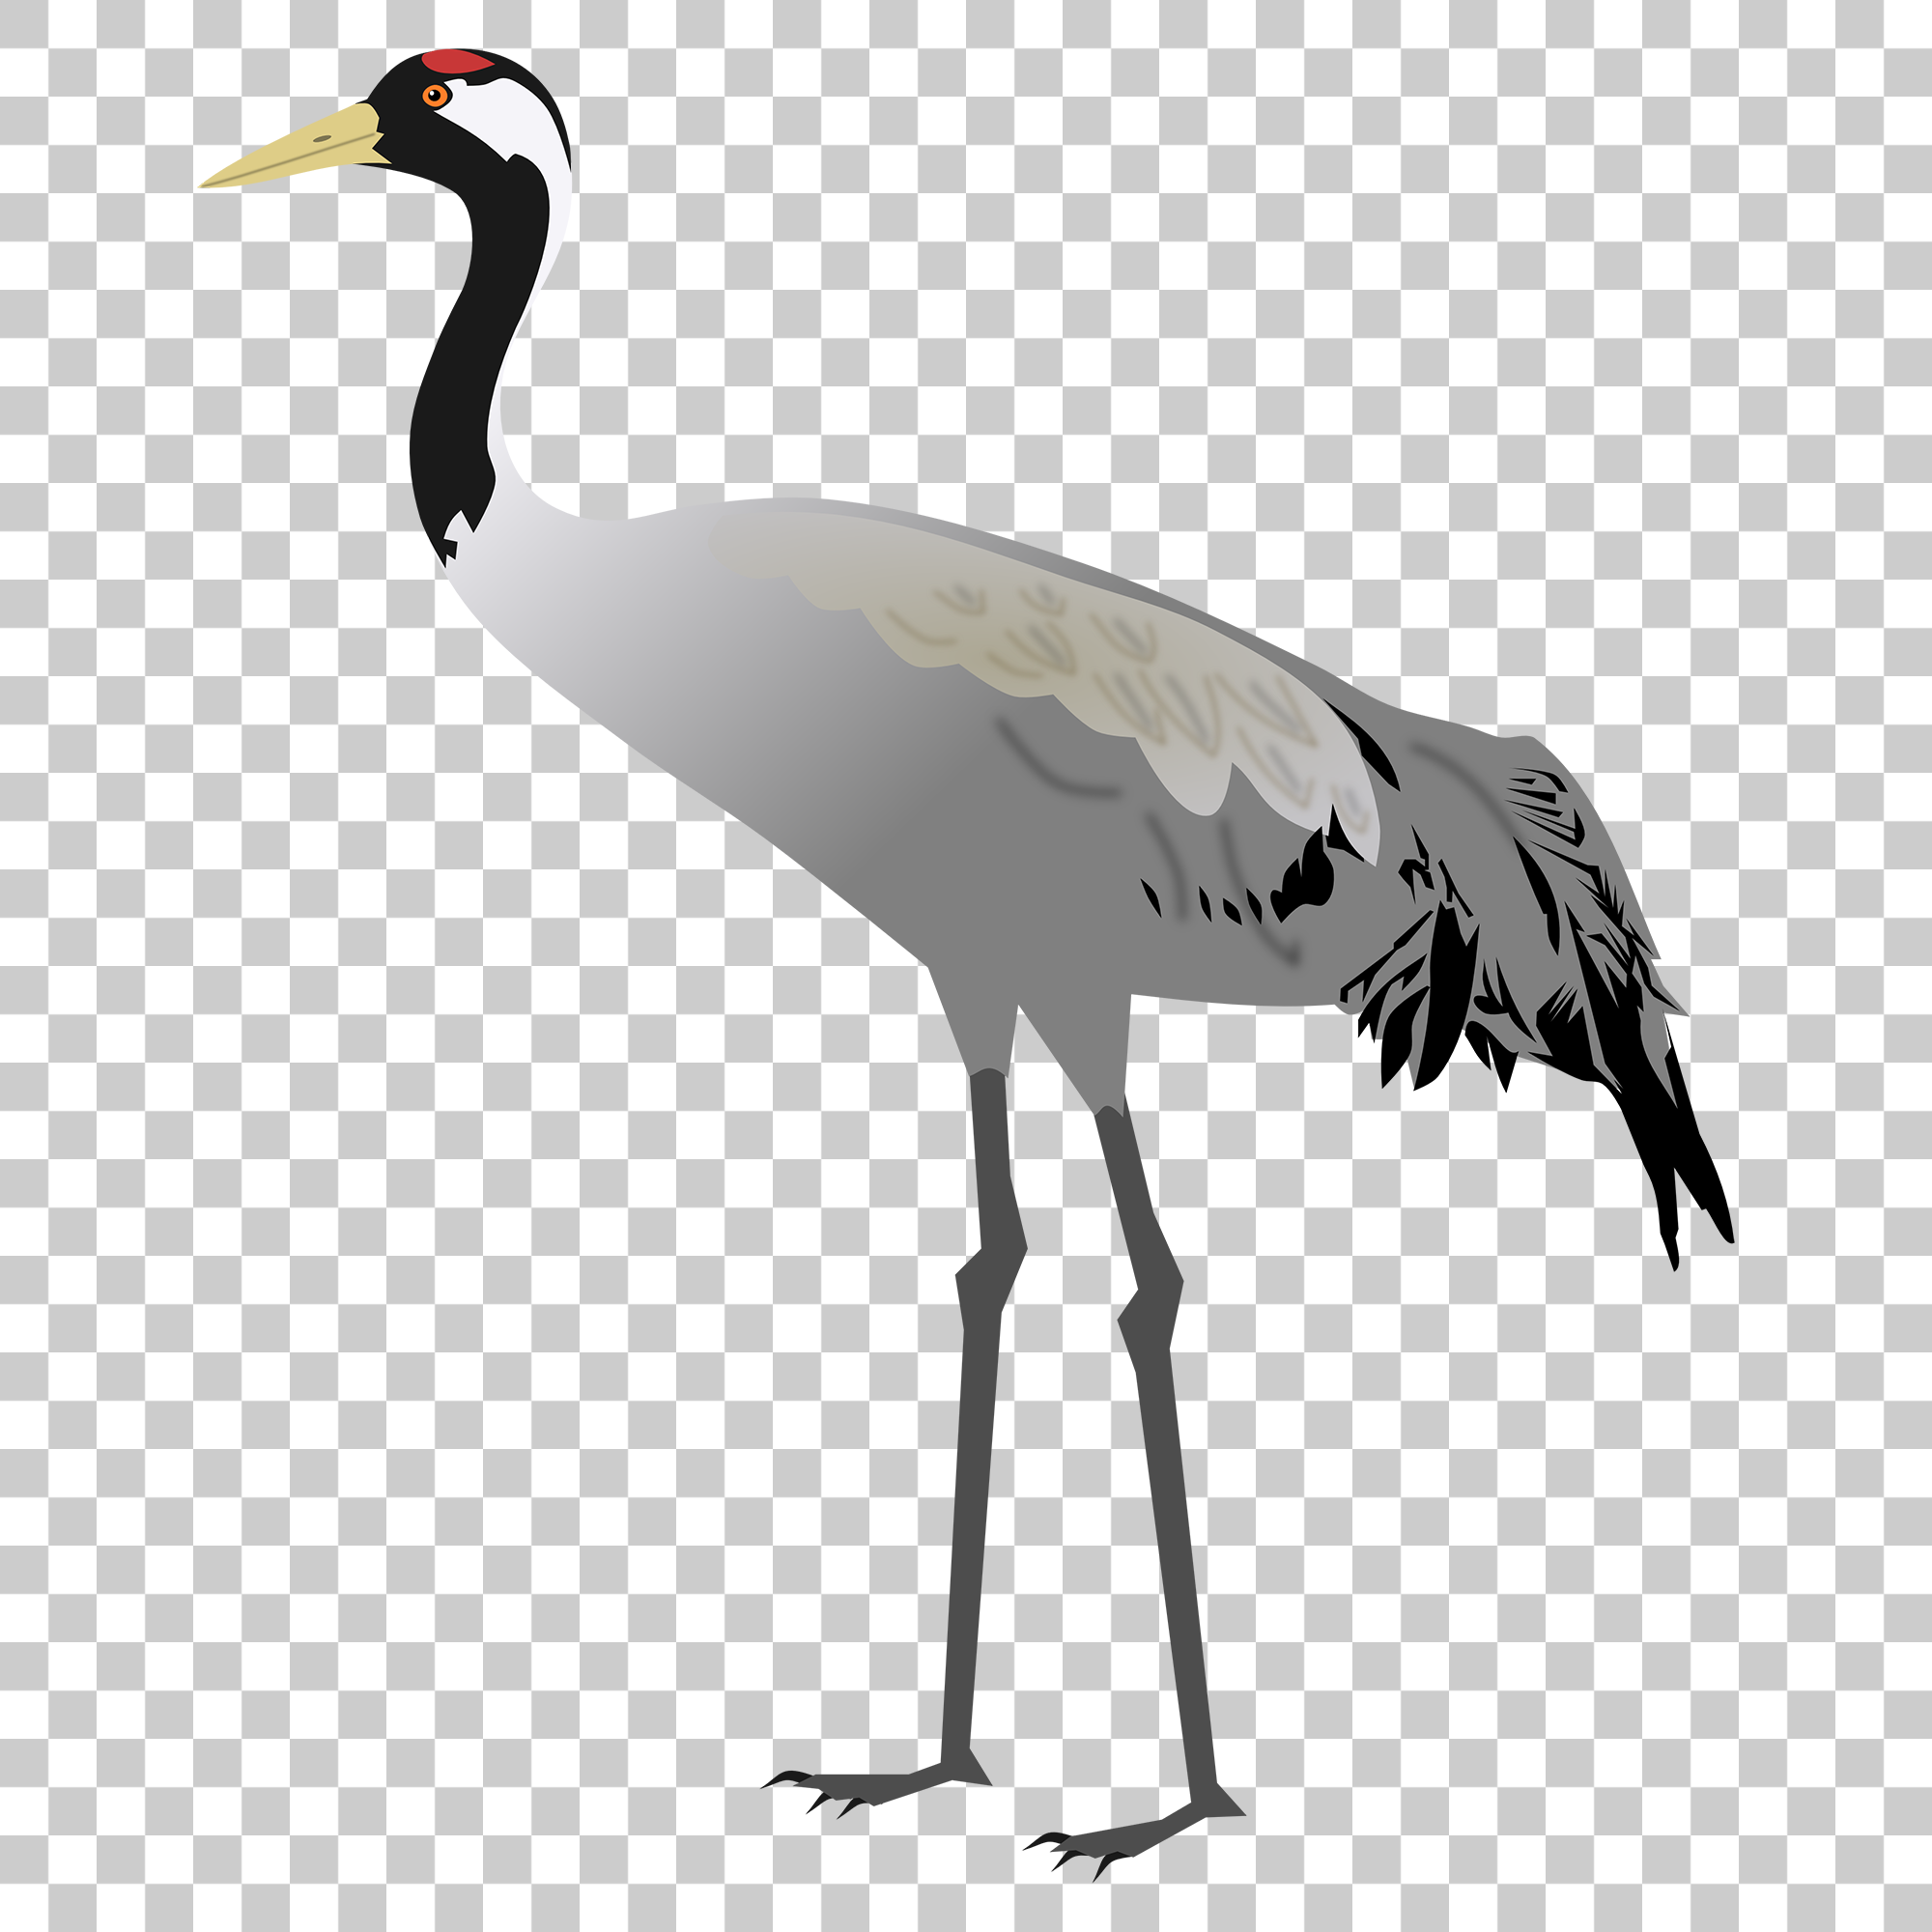 Crane Stork Bird Png Image With Transparent Background Bird Stork Bird Png Images